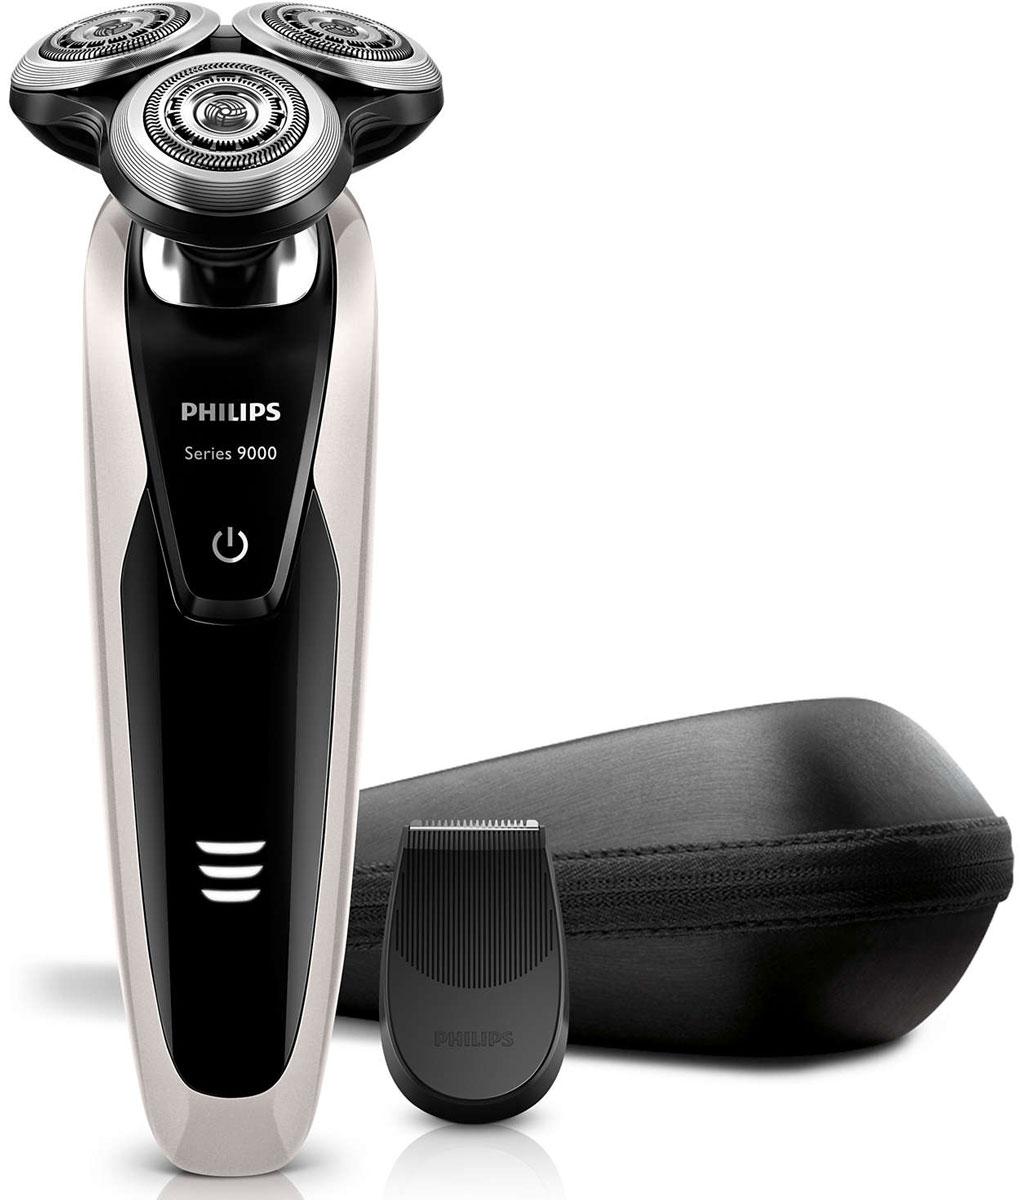 Philips S9041/12 электробритваS9041/12Philips S 9041/12 — наиболее совершенная бритва Philips на сегодняшний день. Уникальная технология повторения контуров гарантирует идеальное скольжение, а система лезвий V-Track обеспечивает более удобный захват волосков и максимально чистое бритье. Запатентованные лезвия V-Track Precision аккуратно захватывают и направляют волоски любой длины, а также волоски, прилегающие к коже. Обеспечивает на 30 % более гладкое и быстрое бритье, чтобы ваша кожа всегда выглядела безупречно.Новые гибкие головки вращаются в 8 направлениях, максимально точно повторяя контуры лица и требуя меньше усилий при каждом движении. Головки, двигающиеся независимо от бритвенного элемента, захватывают на 20 % больше волосков и обеспечивают более чистое бритье при меньшем количестве движений.Встроенная система двойных лезвий электрической бритвы Philips S 9041/12 приподнимает волоски, сбривая их максимально близко к поверхности кожи, что обеспечивает более чистое бритье. Уплотнение AquaTec электробритвы позволяет выбирать наиболее комфортный способ бритья: сухое бритье или освежающее влажное бритье с использованием геля или пены для бритья. Высокоточный триммер служит для подравнивания усов и бакенбард.На интуитивно понятном дисплее Philips S 9041/12 отображается вся необходимая информация, что позволяет в полной мере использовать все возможности вашей бритвы: трехуровневый индикатор аккумулятора, индикатор очистки, индикатор низкого заряда аккумулятора, индикатор сменной головки, индикатор дорожной блокировки.Передовая технология зарядки обеспечивает два удобных режима: 50 минут работы после зарядки в течение 1 часа или быстрая зарядка для одного сеанса бритья. Все Philips S 9041/12 предназначена только для беспроводной работы, что обеспечивает безопасность при влажном бритье.Экологичная продукция Philips поможет снизить расходы, потребление энергии и выбросы CO2. Каким образом? Она имеет отличные характеристики по ключевым параметрам экологической безопас